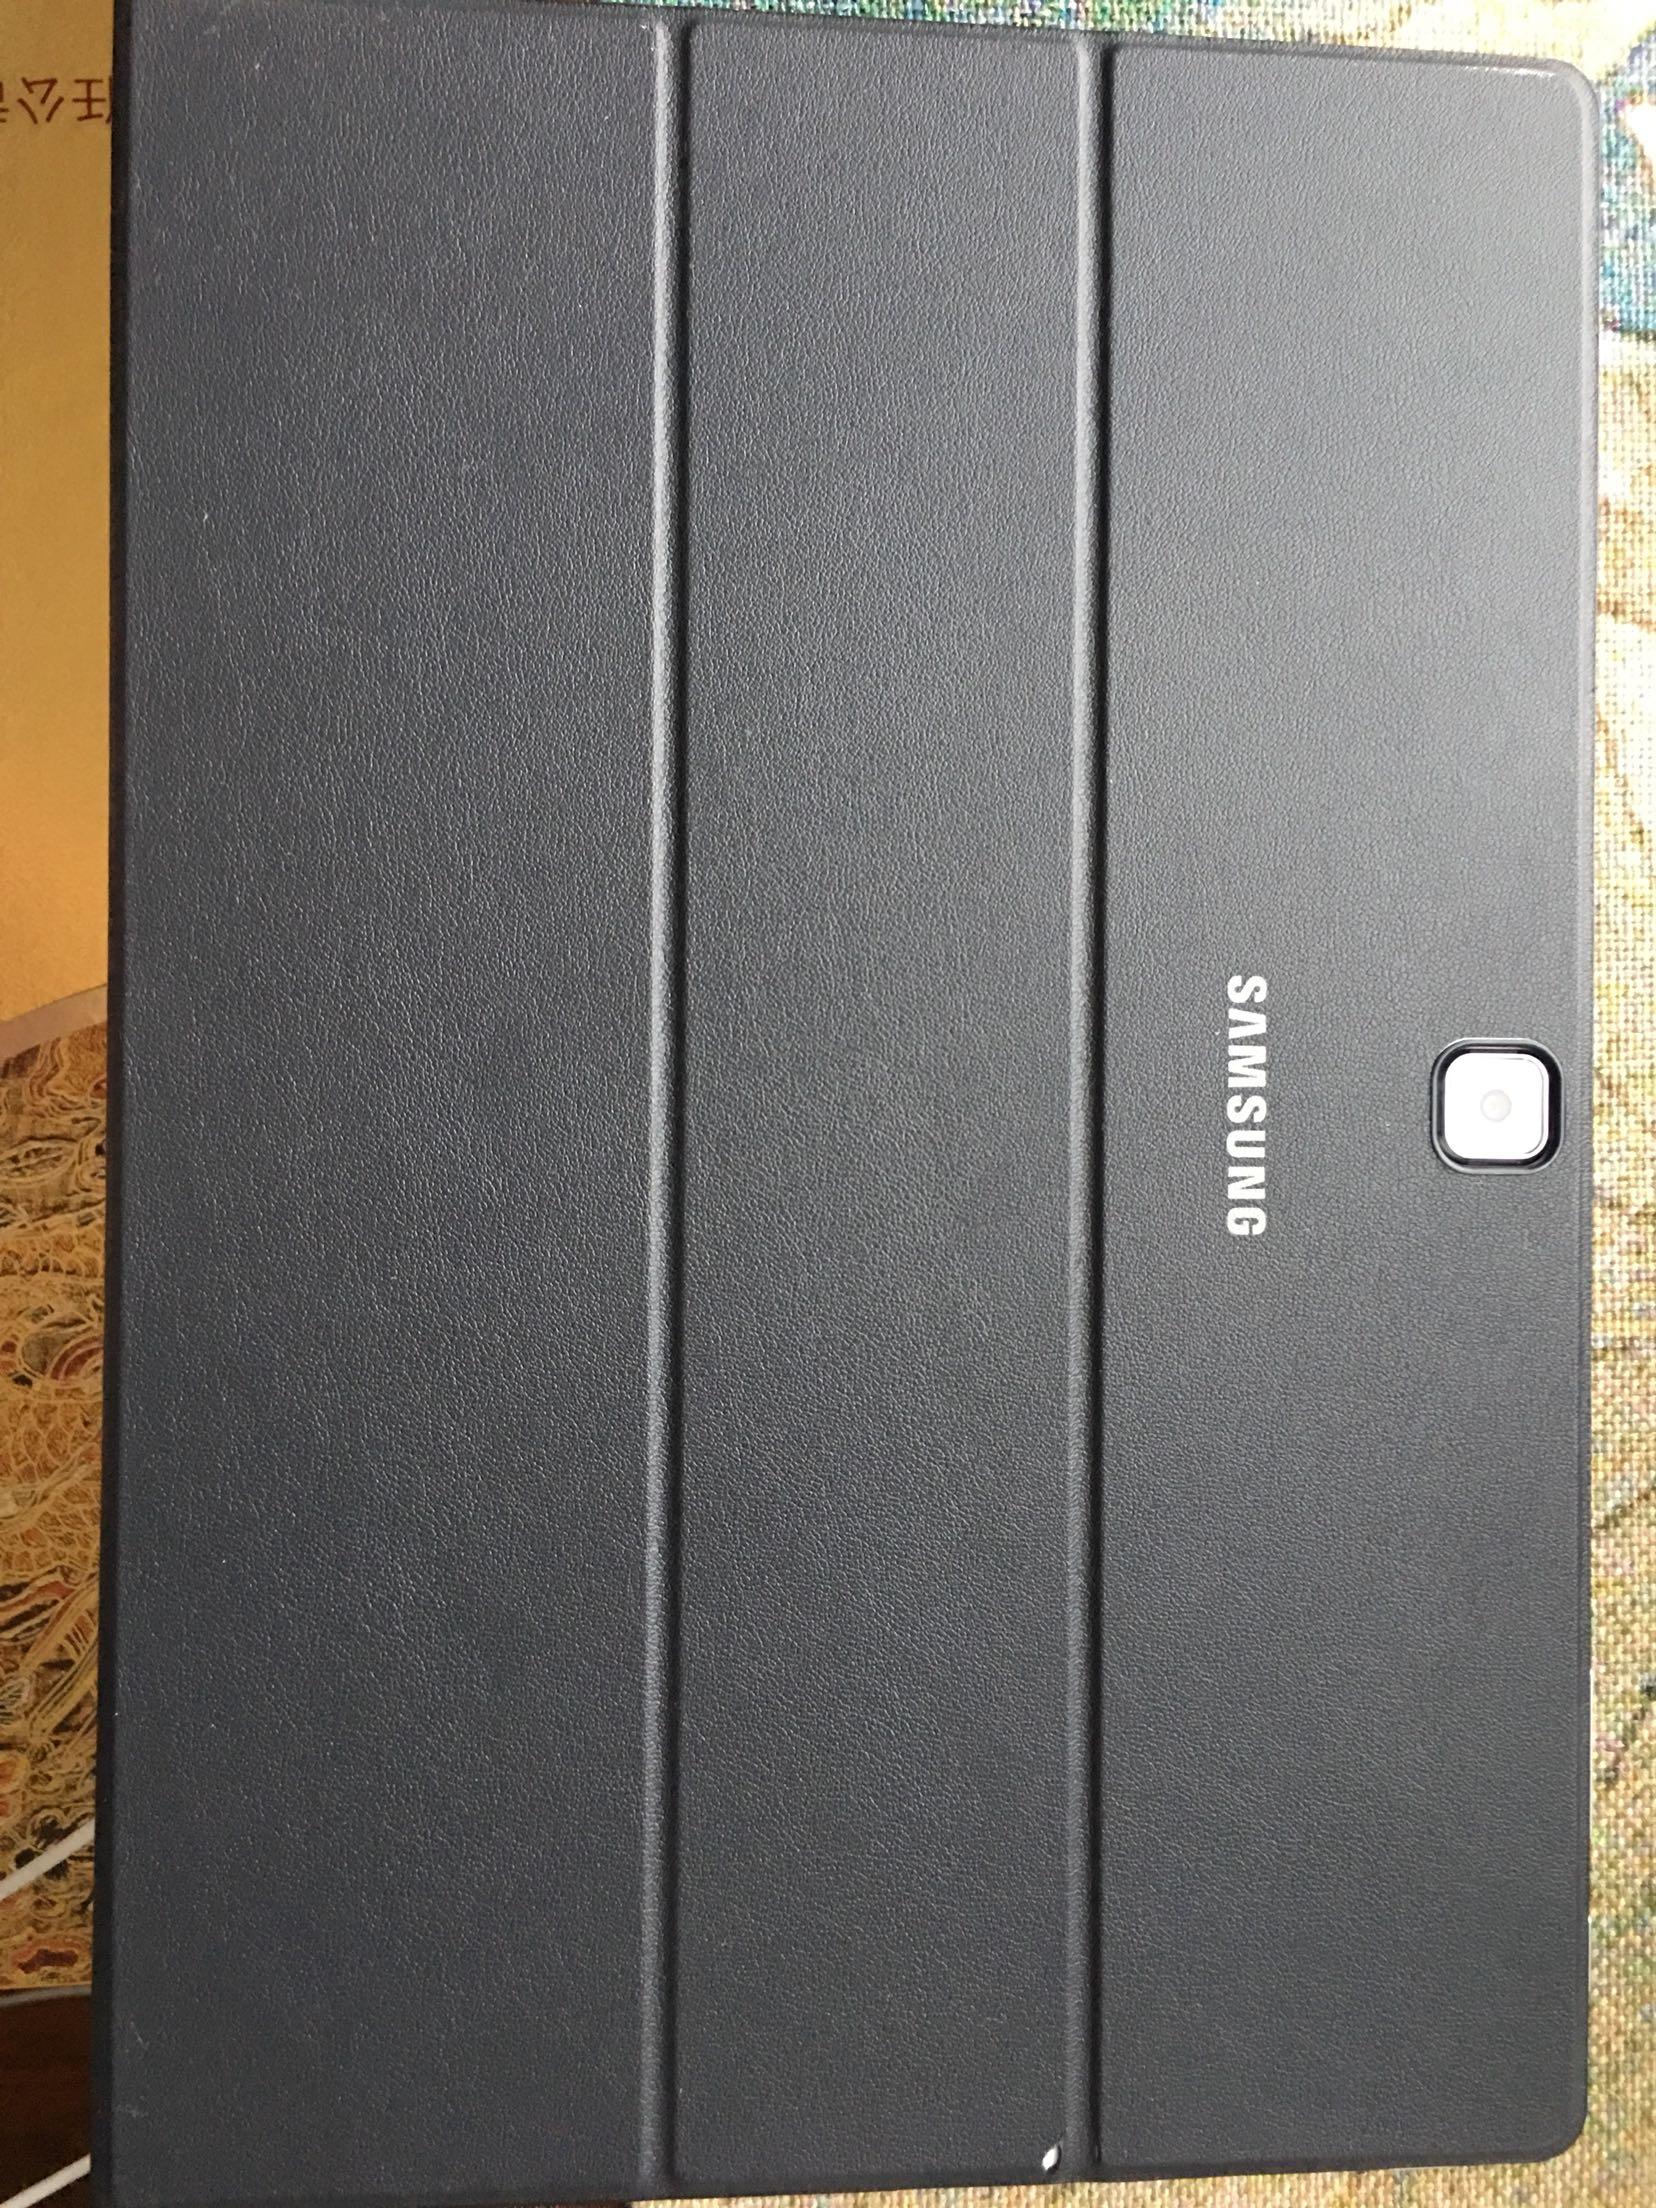 L\'utilisation de bien, est le clavier souris sur la sensibilité de disque est trop élevé, facilement en retard. photochromic sunglasses ebay airmax97 0956502 real